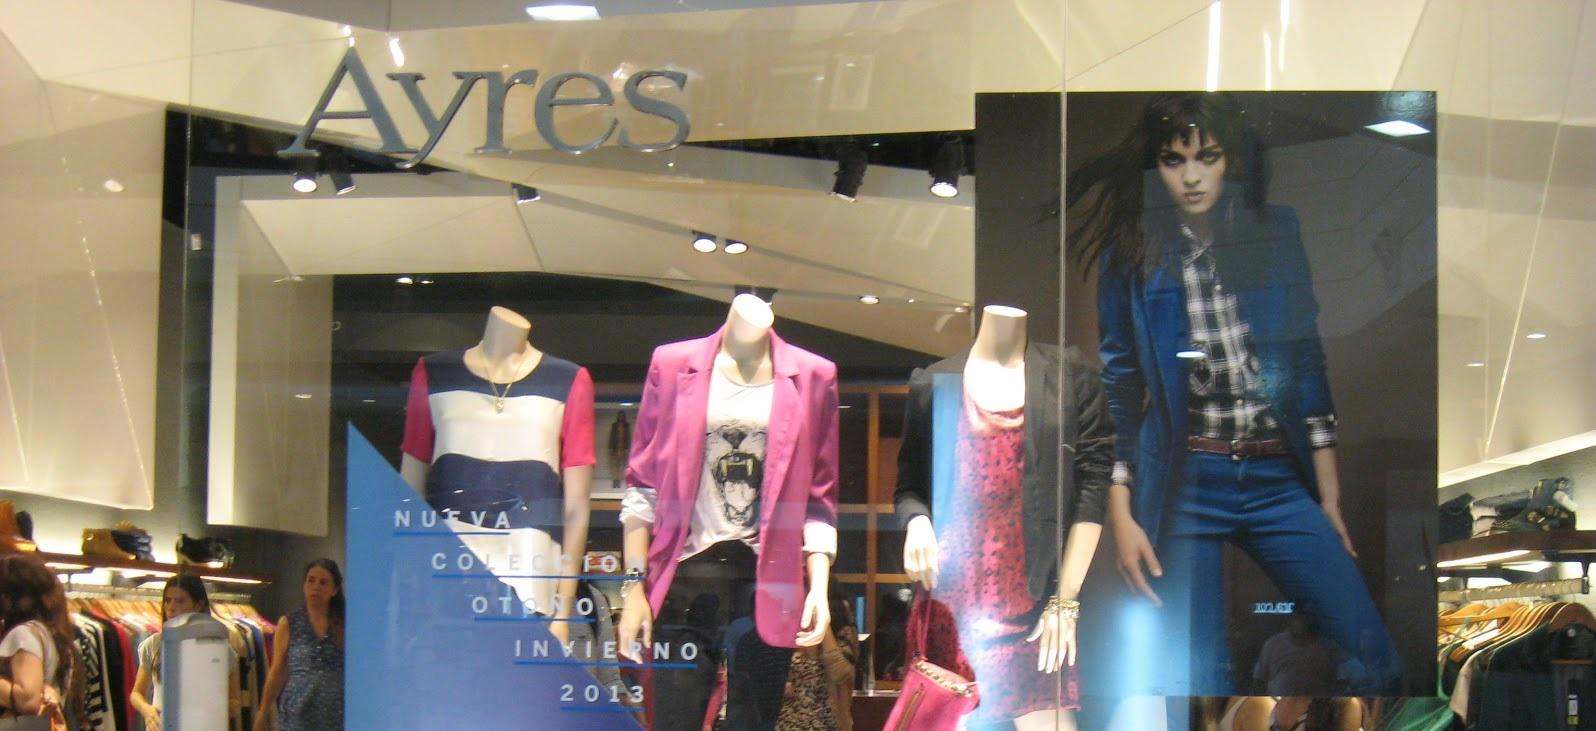 Ayres, otra marca de ropa que se presentó en concurso de acreedores